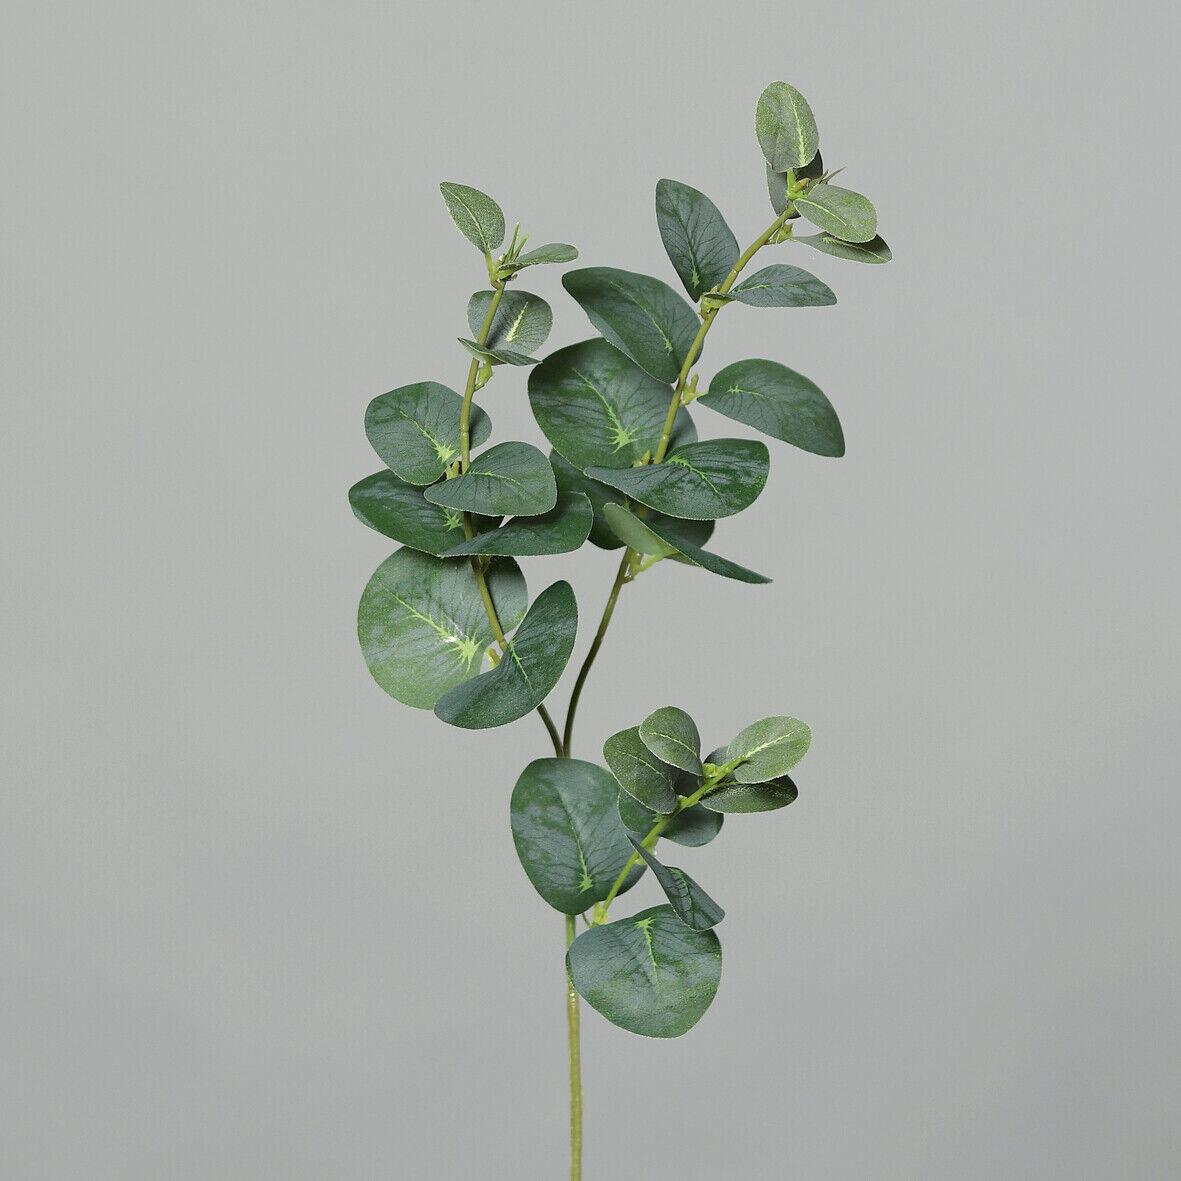 Eukalyptuszweig 65cm grün DP künstliche Zweige künstlicher Eukalyptus